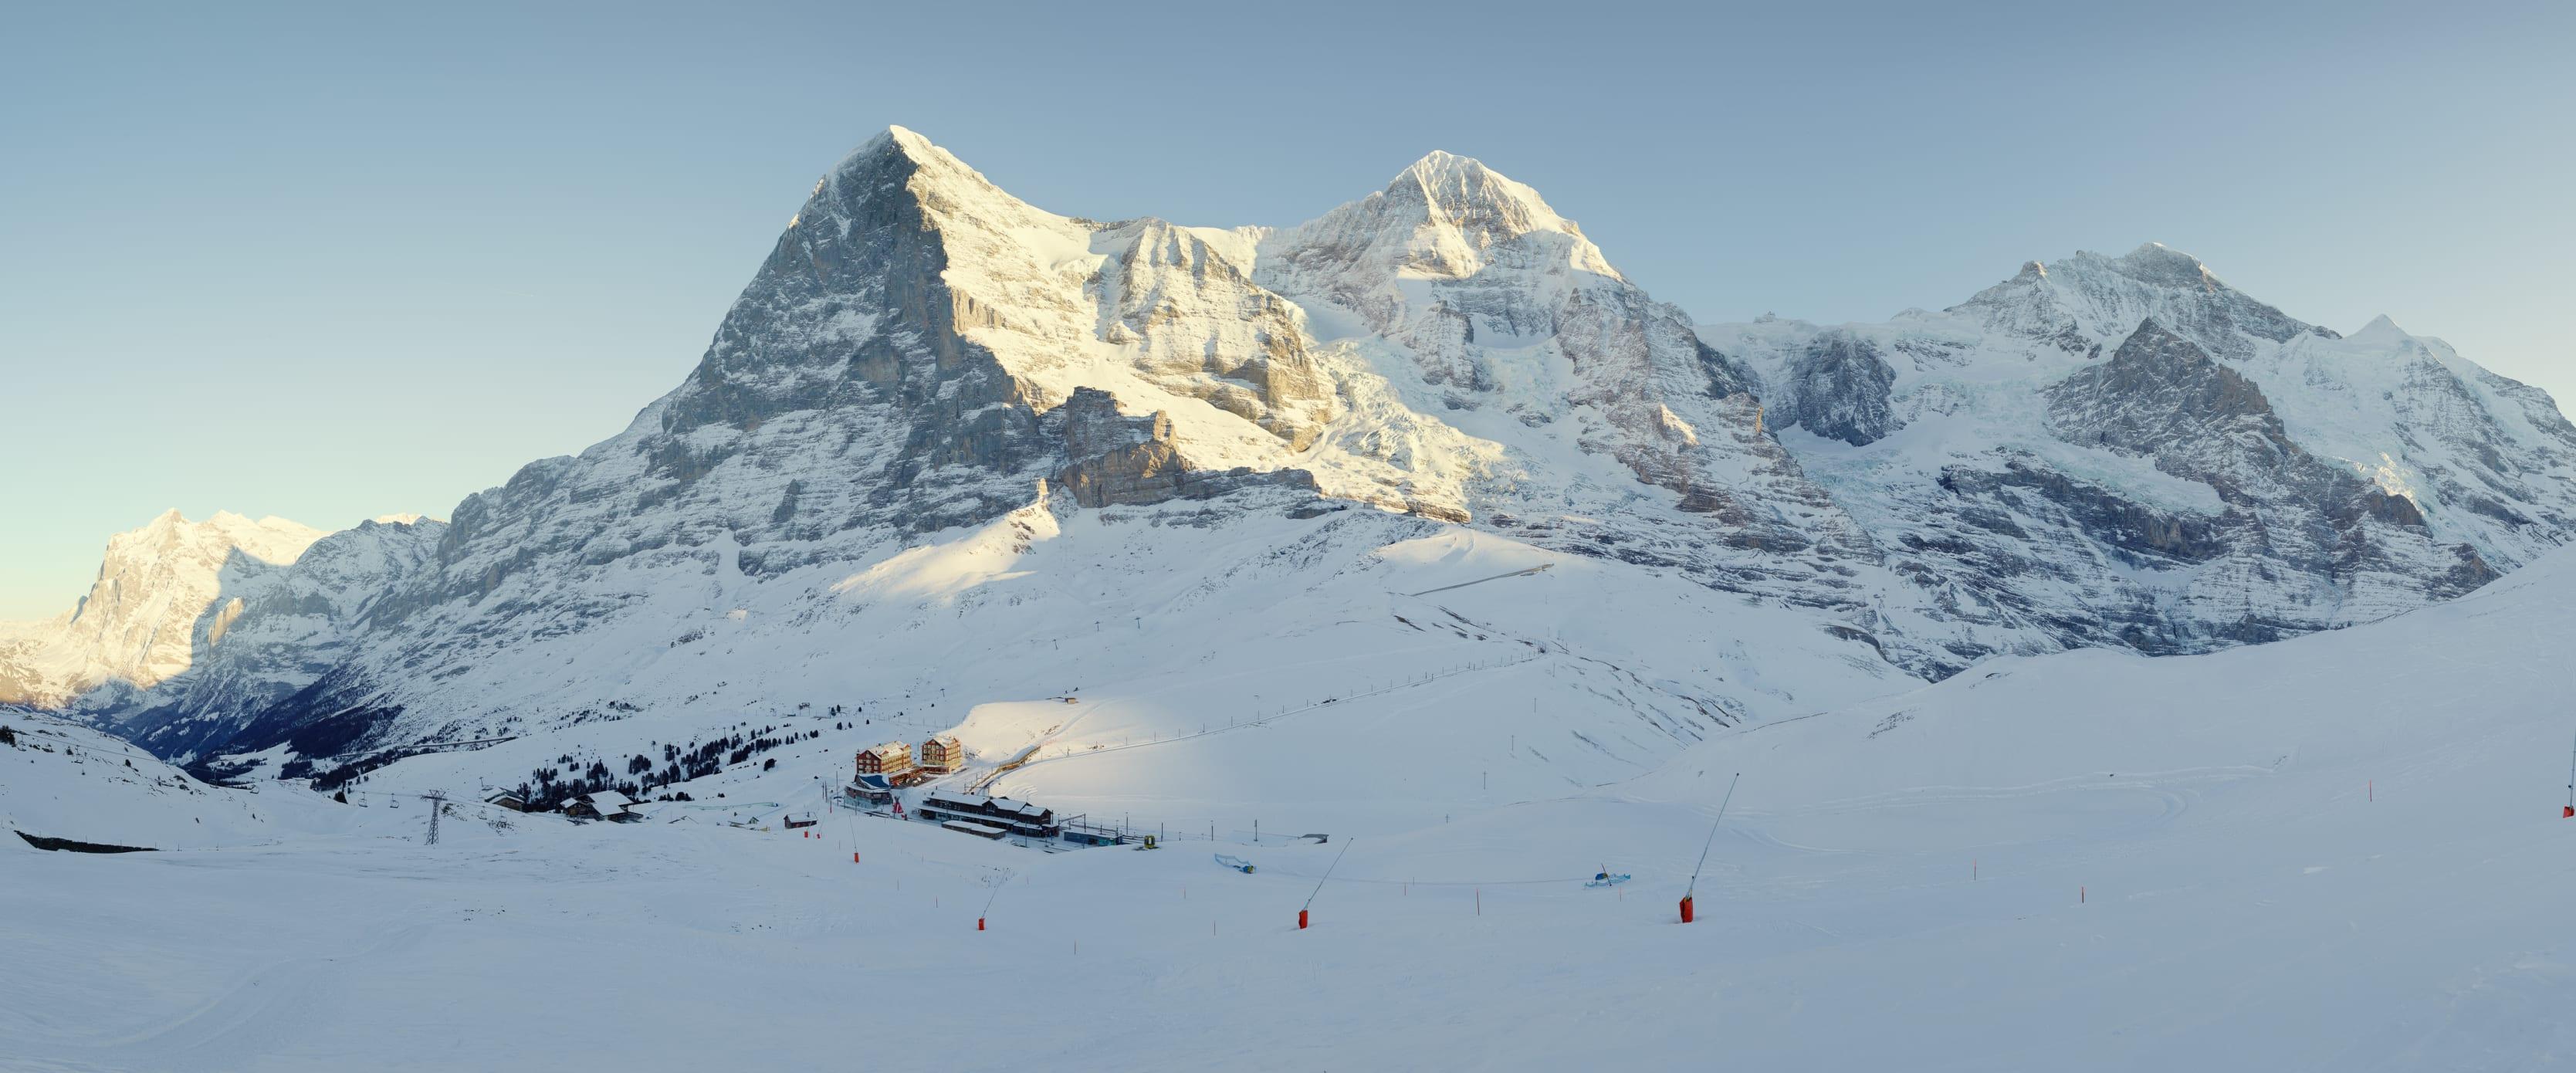 Jungfrau-Ski-Region, Kleine-Scheidegg, Skigebiet-Grindelwald-Wengen, Winter